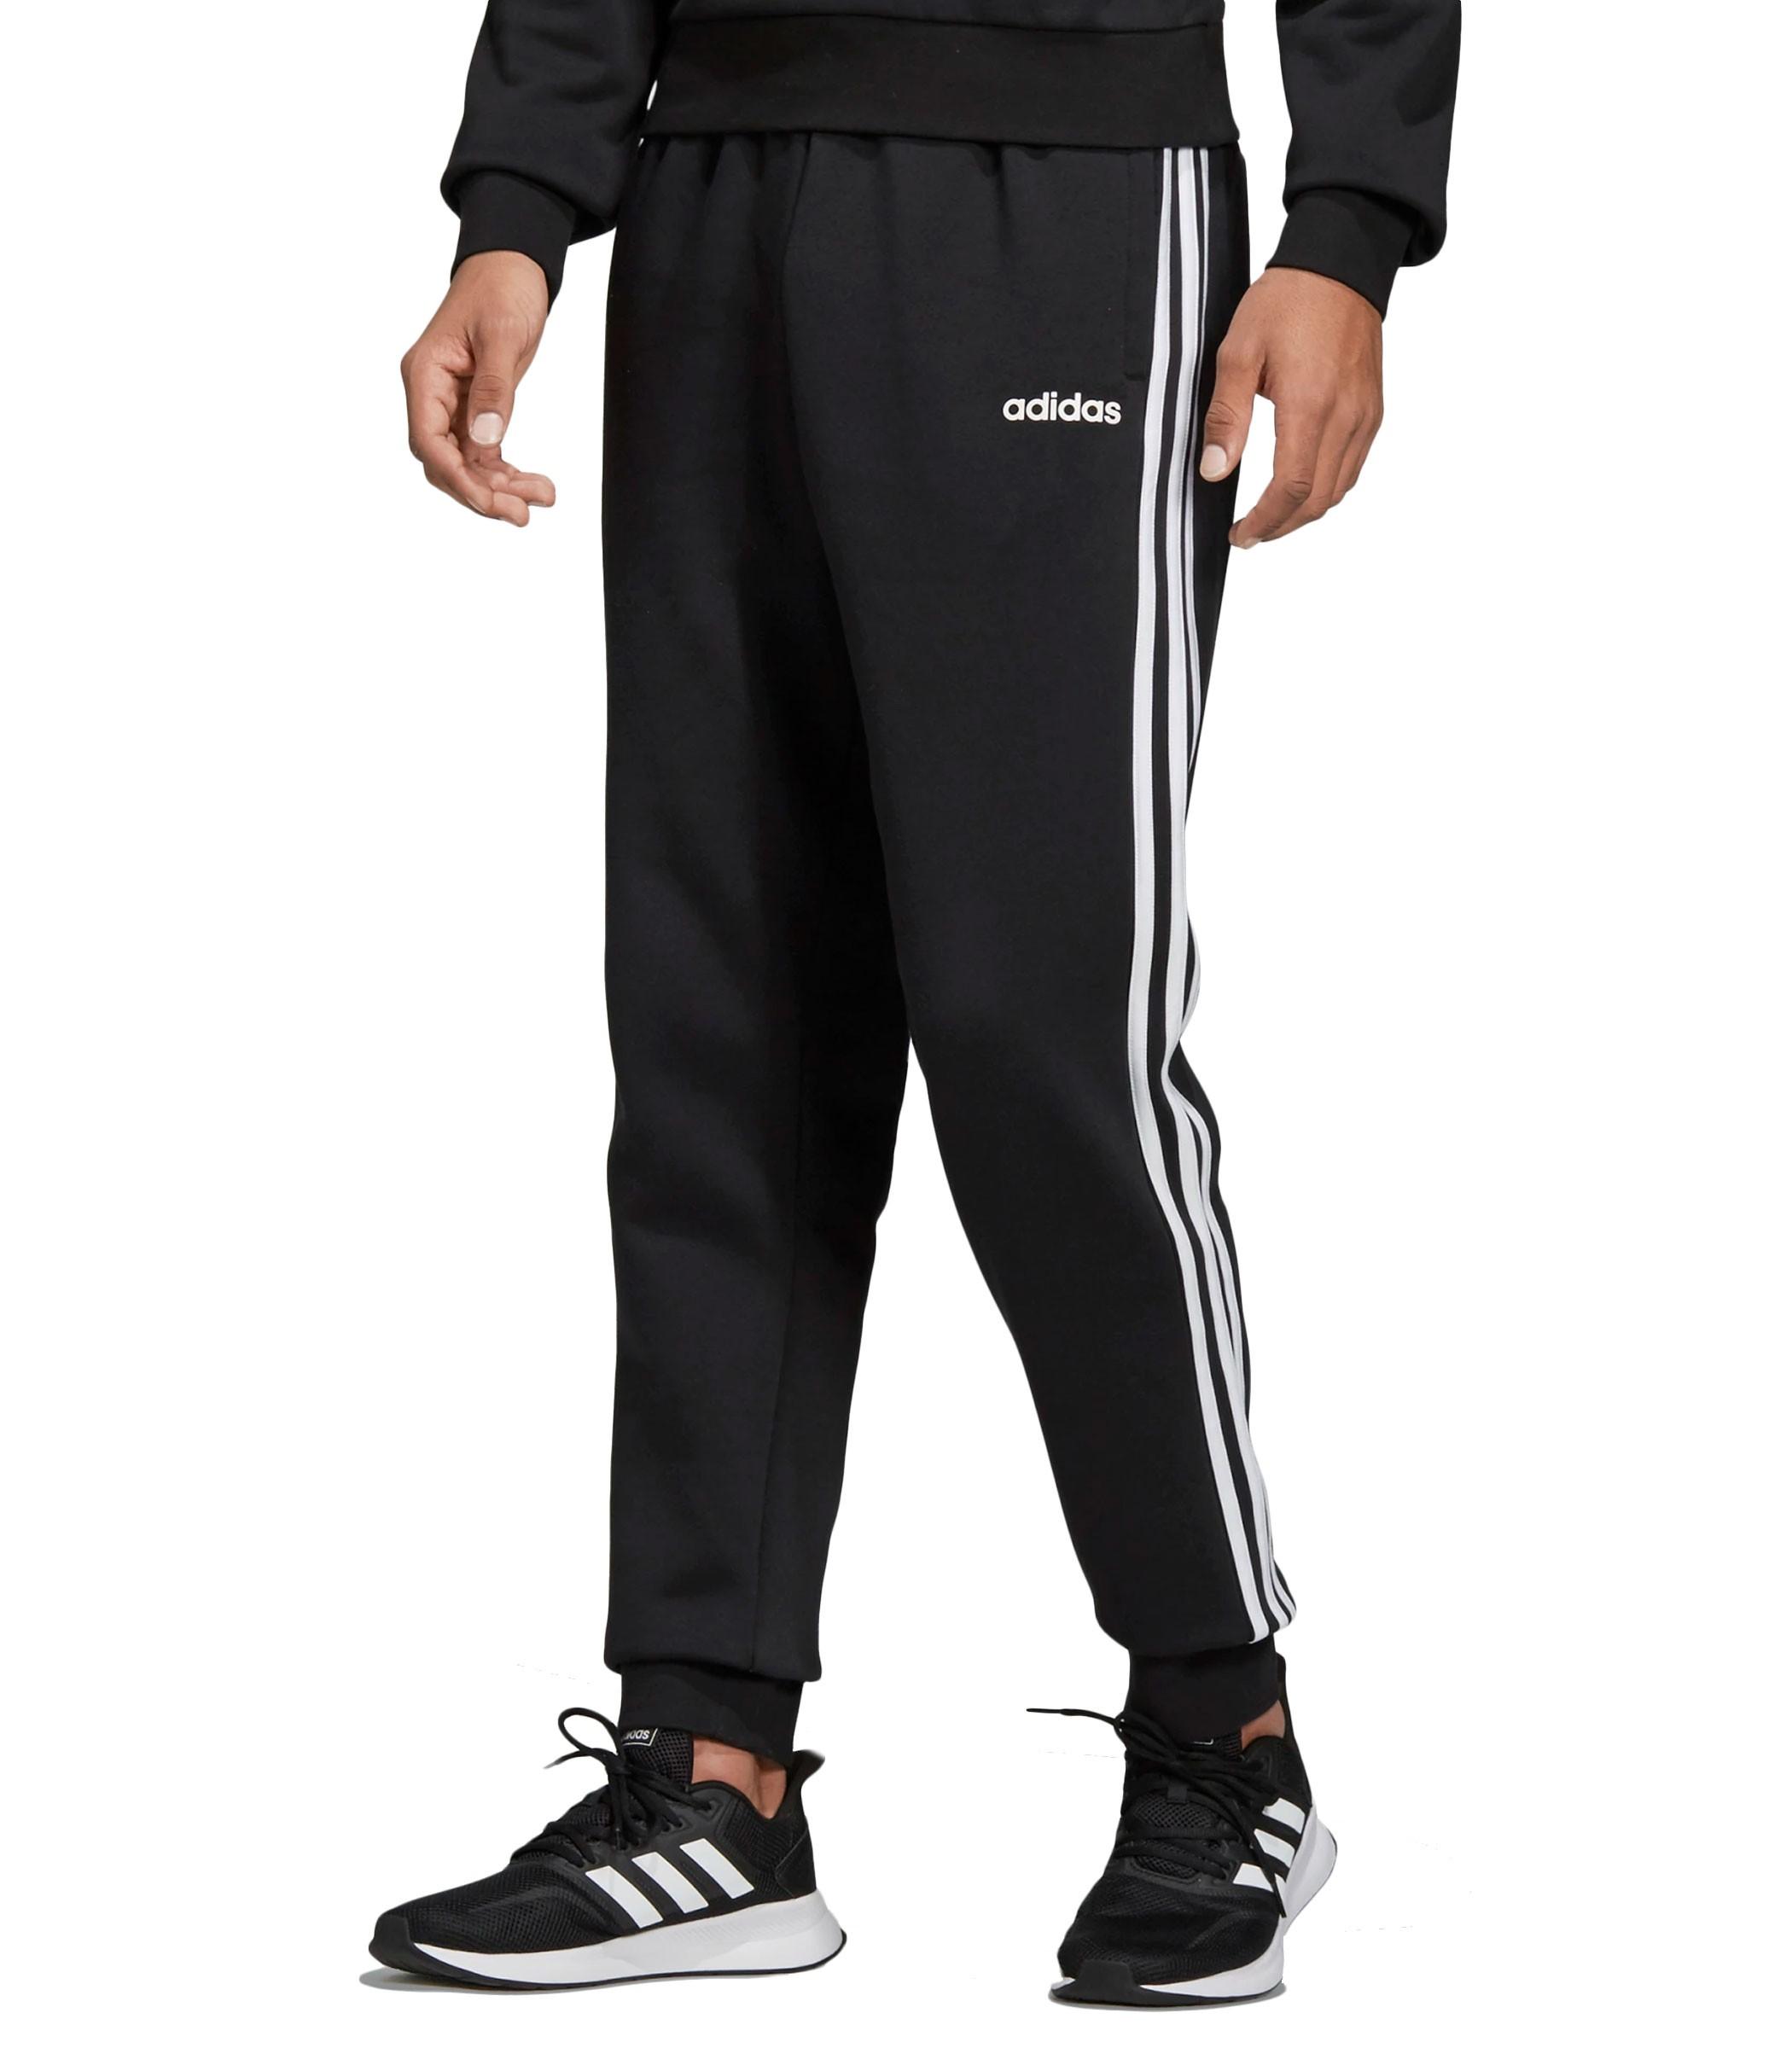 pantaloni adidas zalando uomo